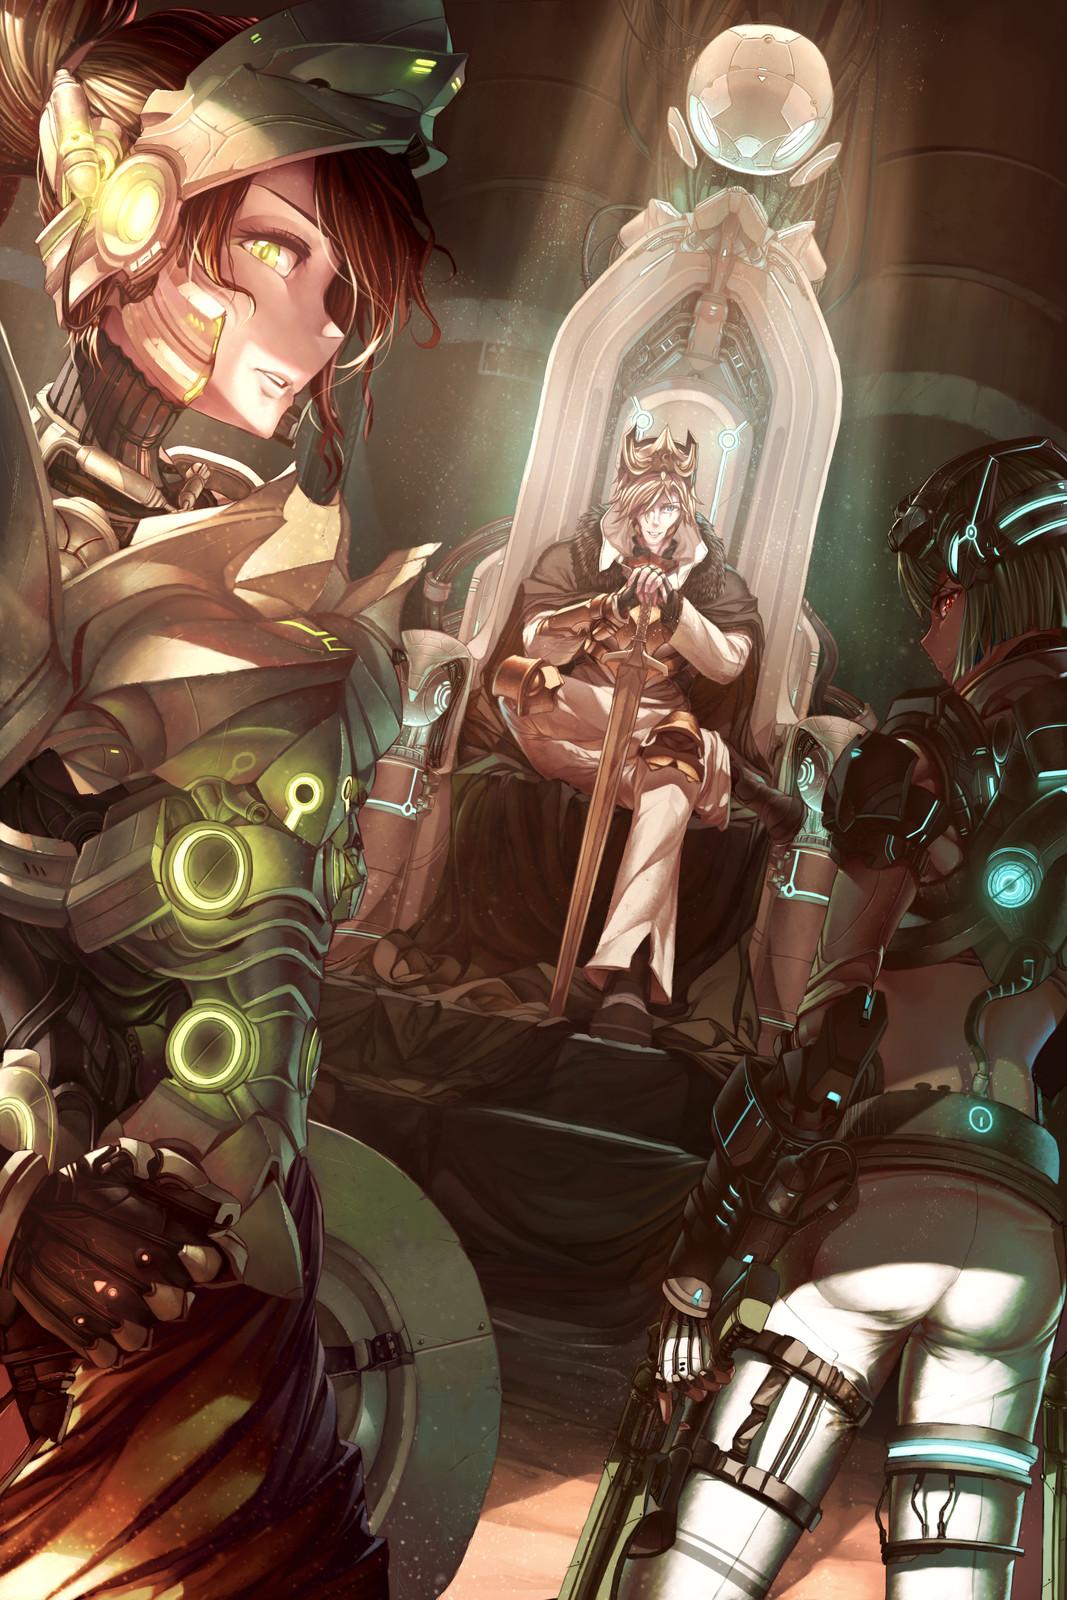 RWBY-Future : King